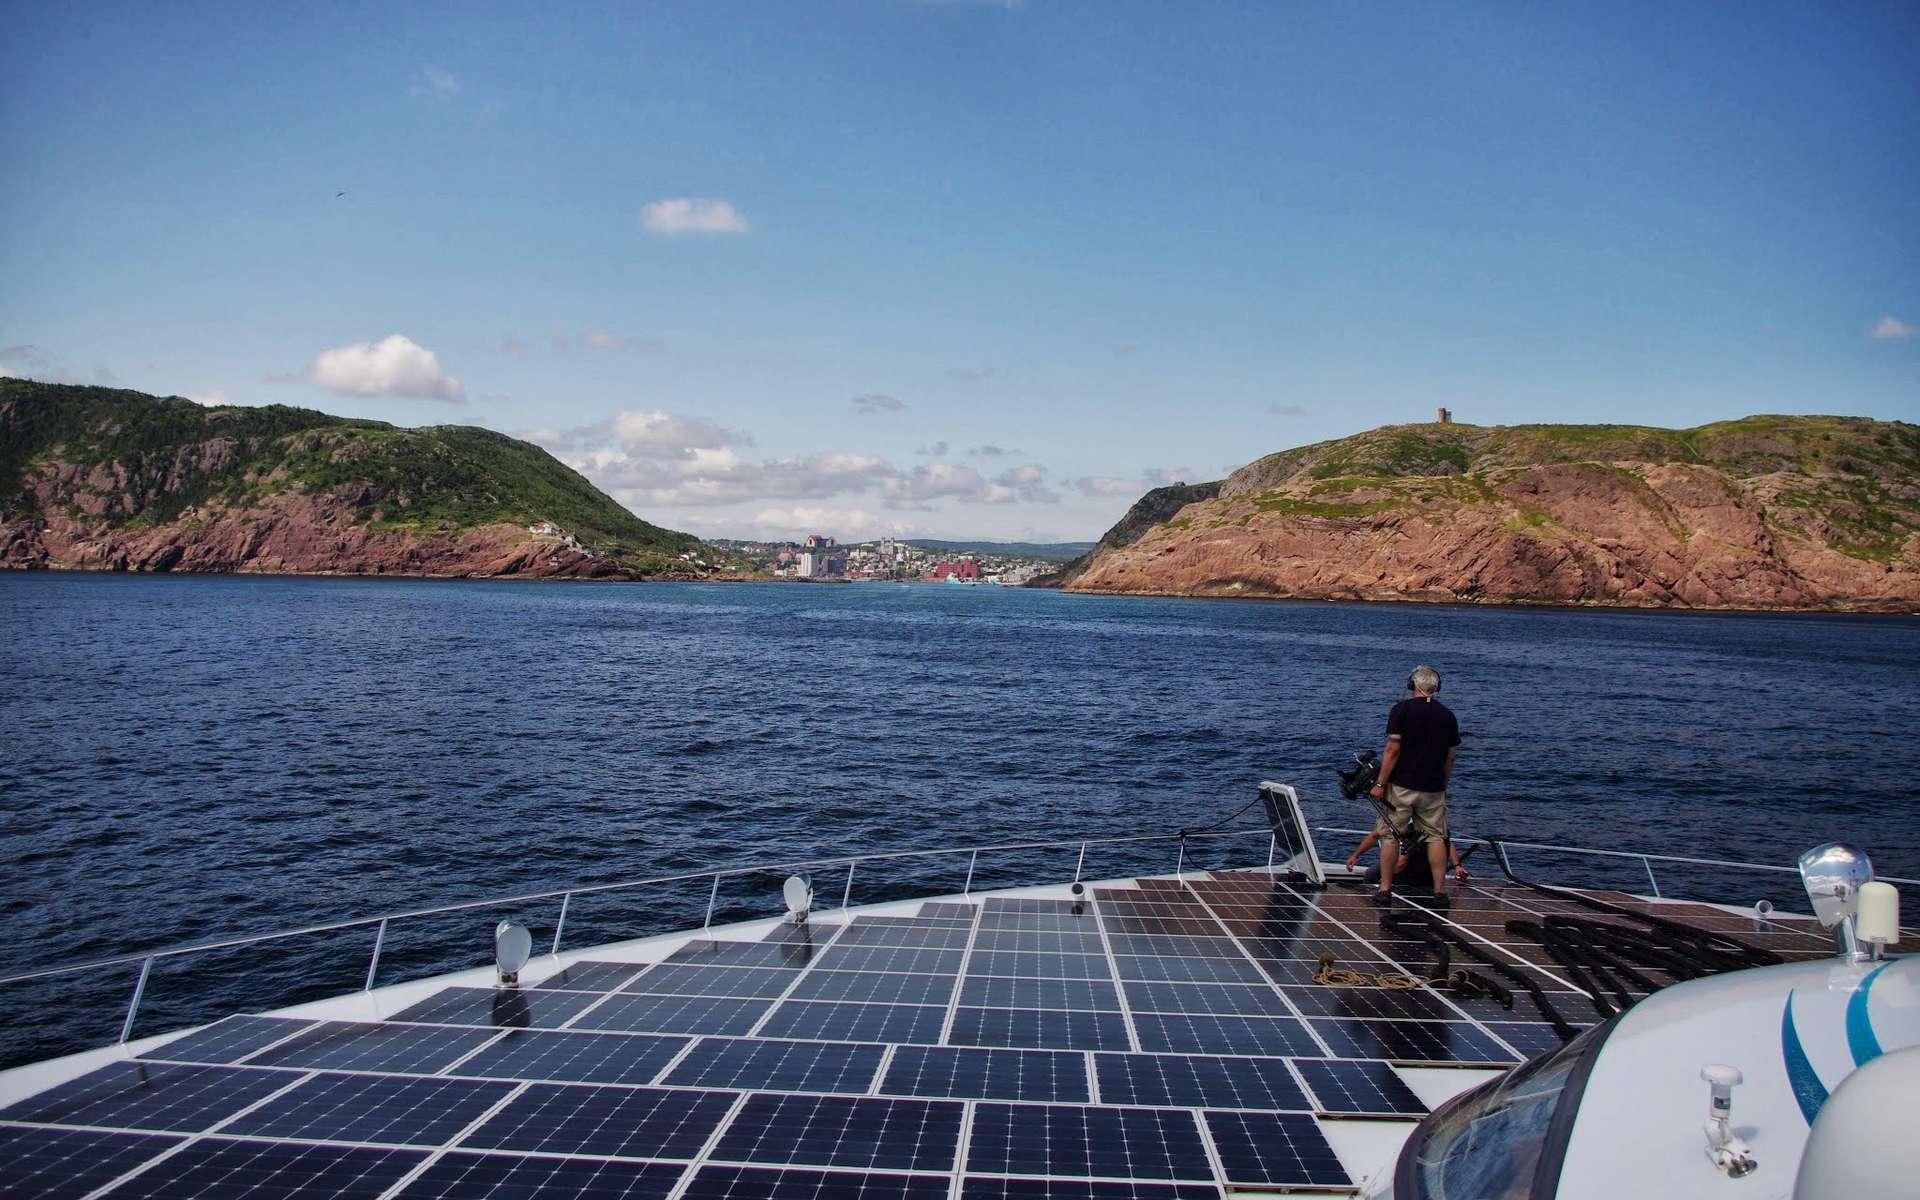 La catamaran solaire MS Tûranor PlanetSolar pèse 89 t et est alimenté par 516 m2 de panneaux solaires. Cette photographie a été prise lors de son arrivée à St-John's (Canada) le 1er août 2013. © PlanetSolar